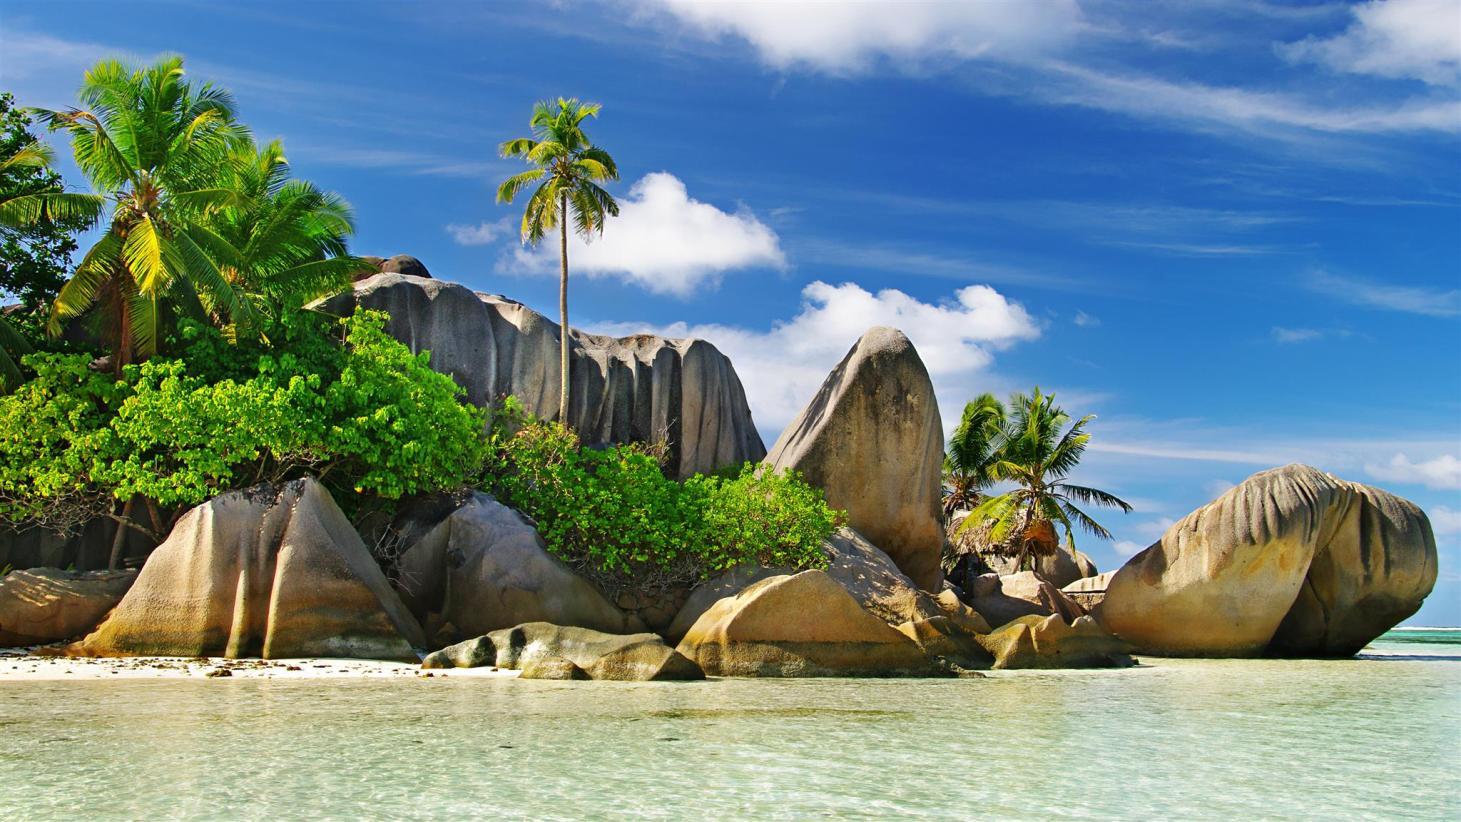 سيشيل، وهي سلسلة مكونة من 115 جزيرة صخرية خضراء في المحيط الهندي